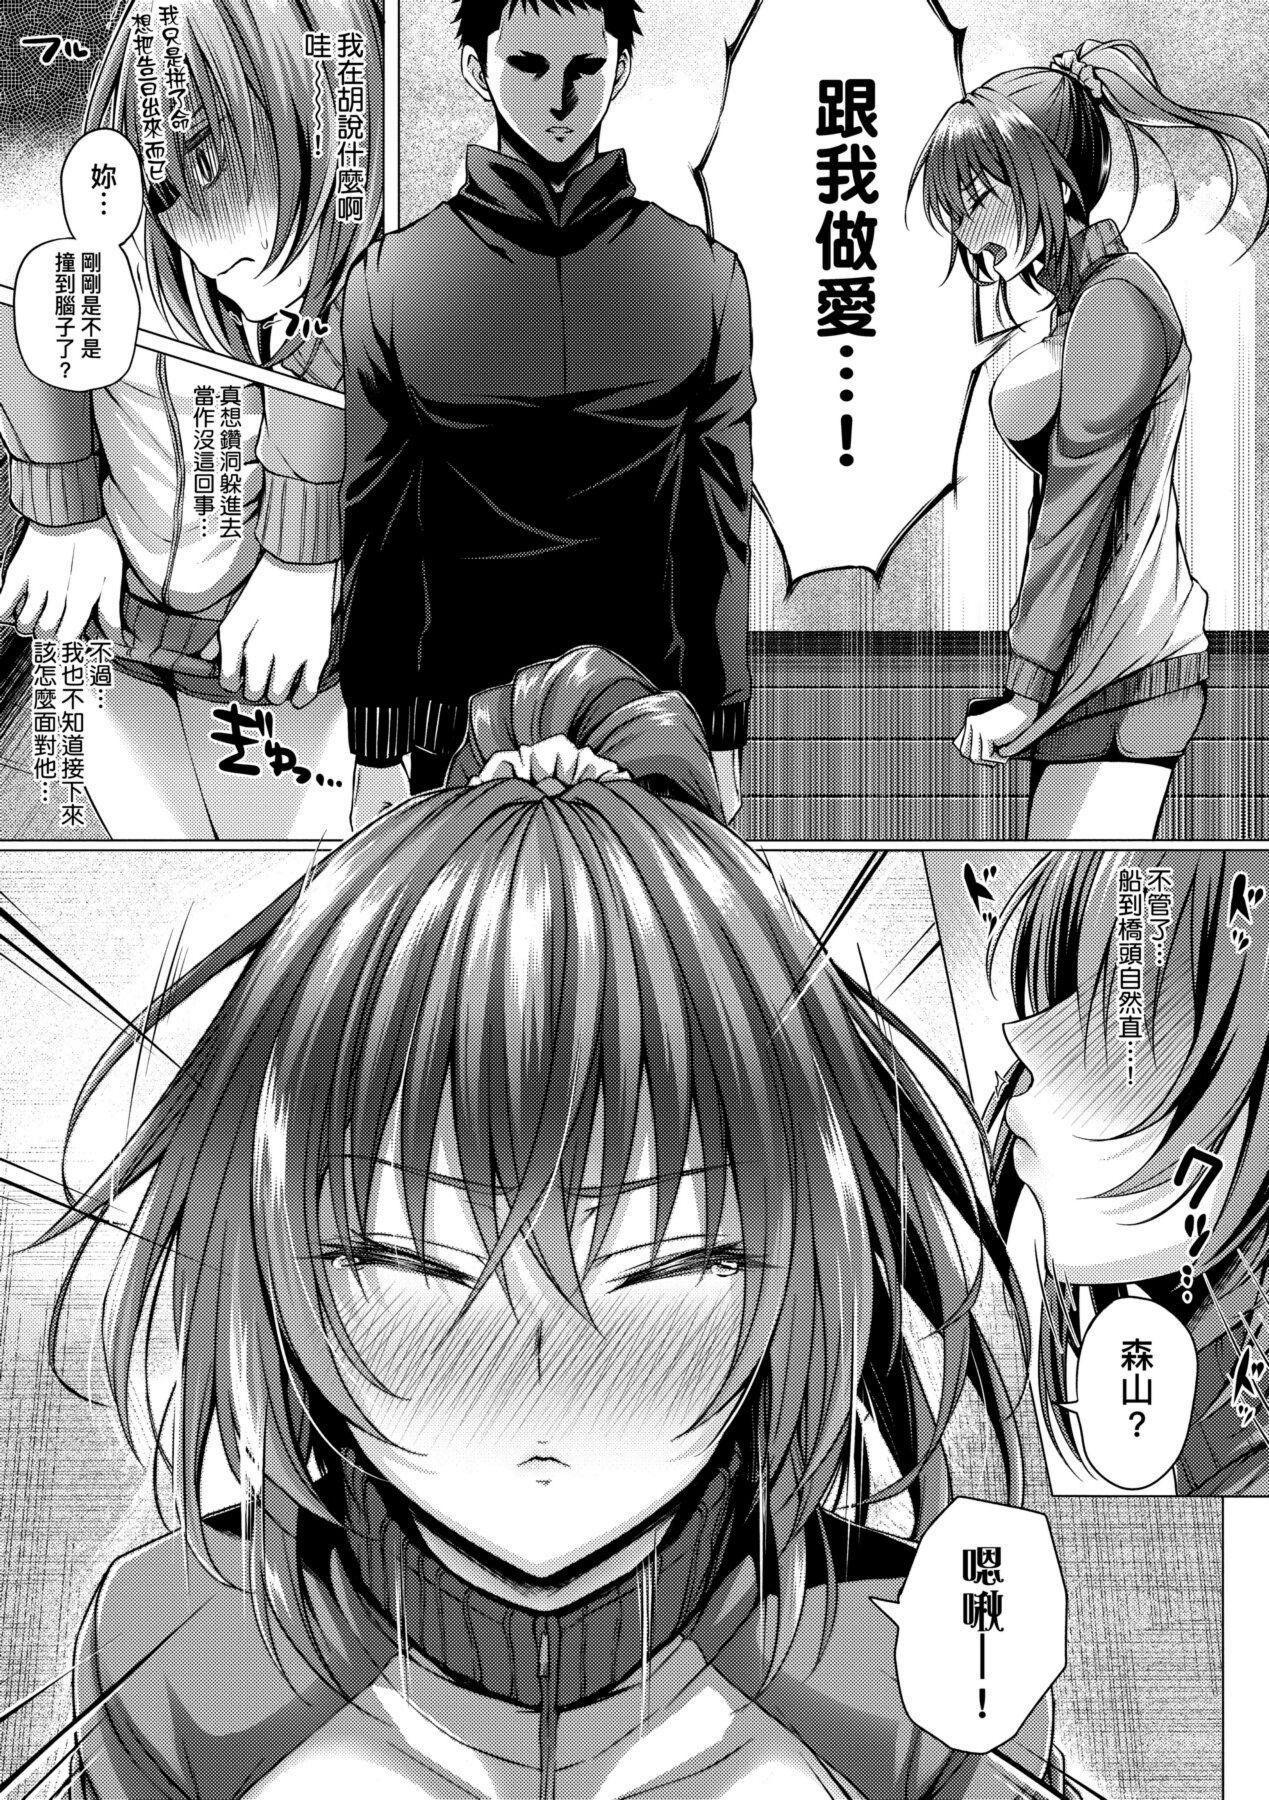 Hatsukoi Jikan. 159